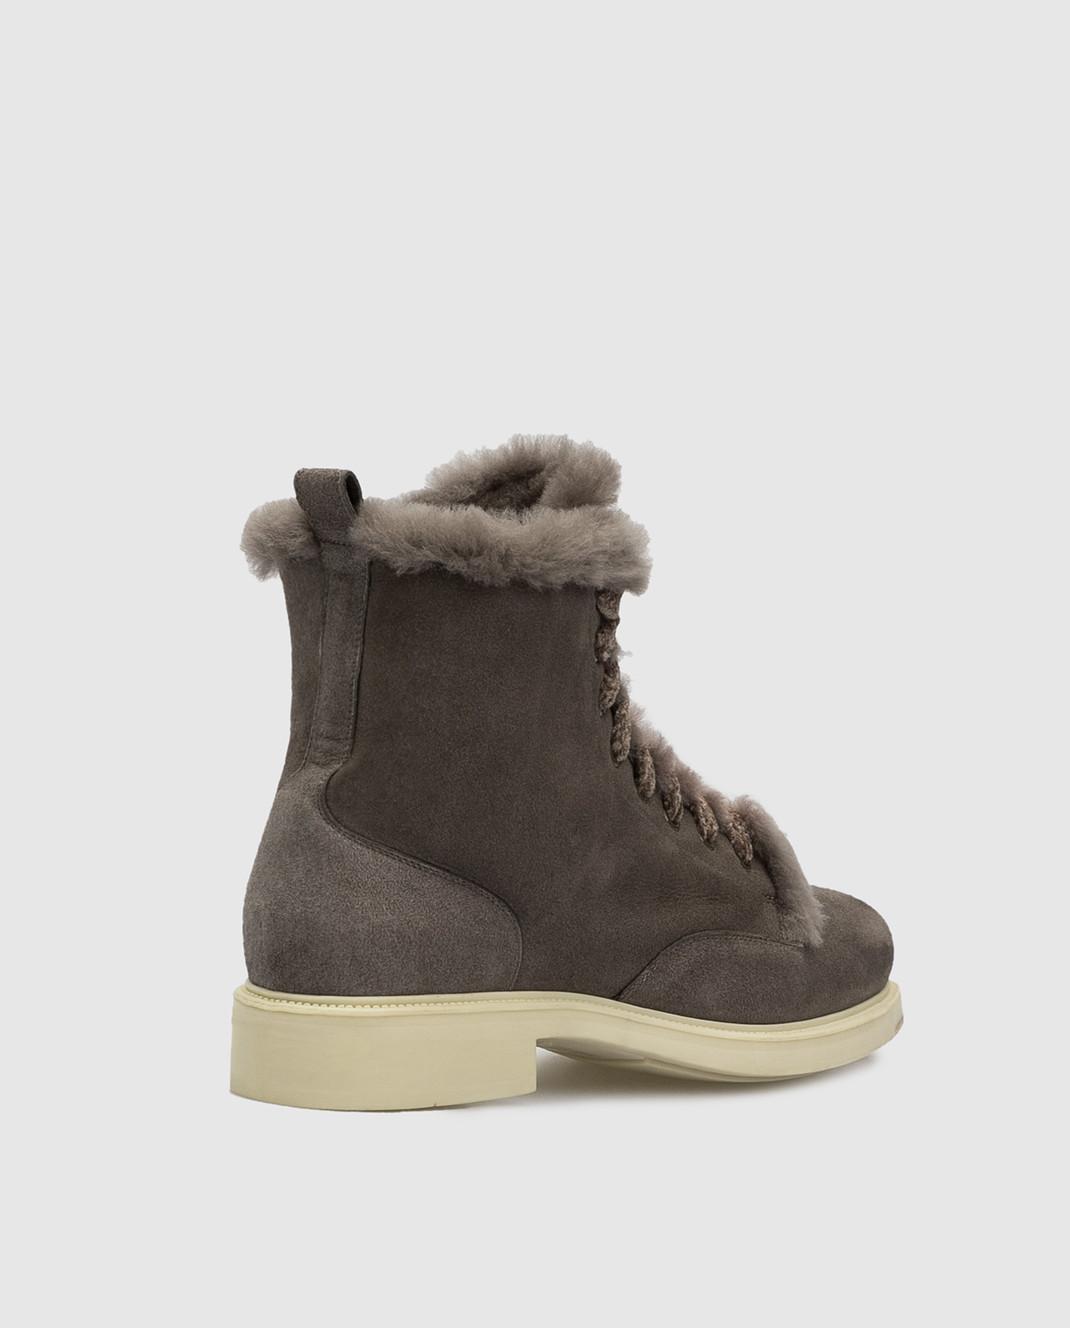 Santoni Темно-серые замшевые ботинки на меху WTEK58384SCOAEYT изображение 4